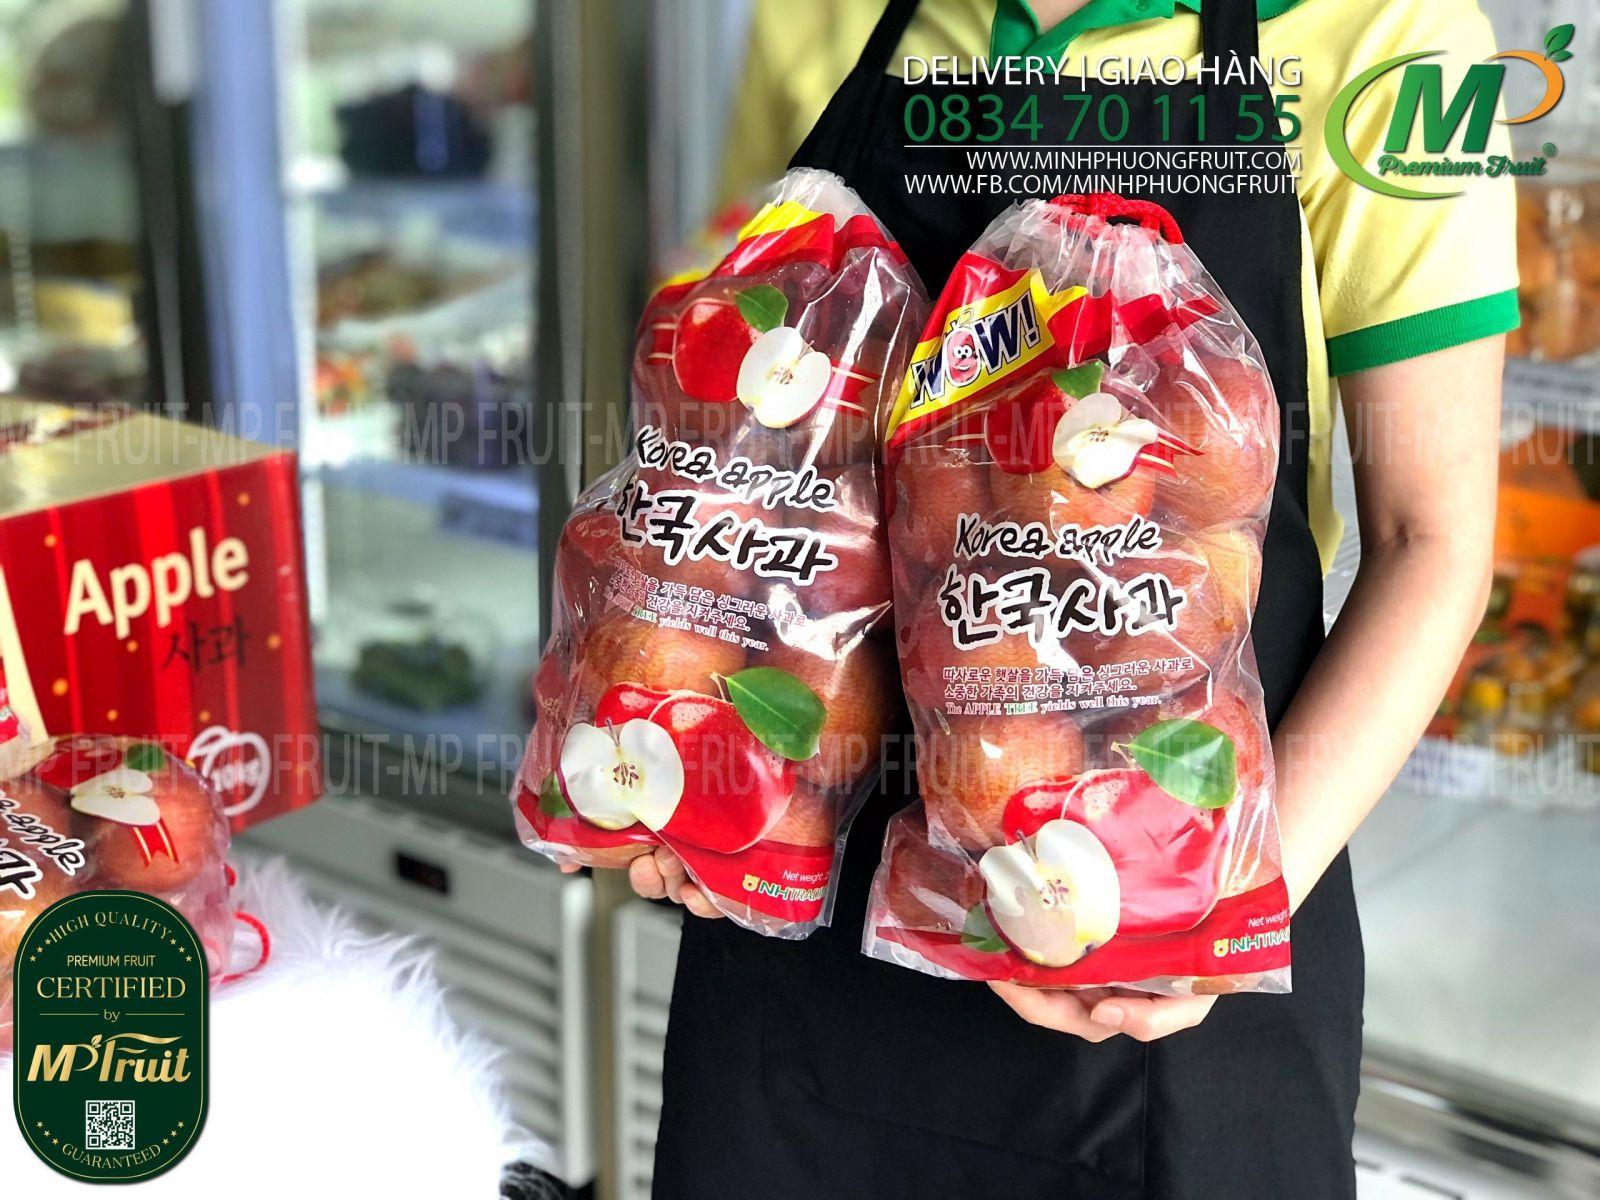 Táo Fuji Mini Nam Phi Túi 2,5 kg tại MP Fruits